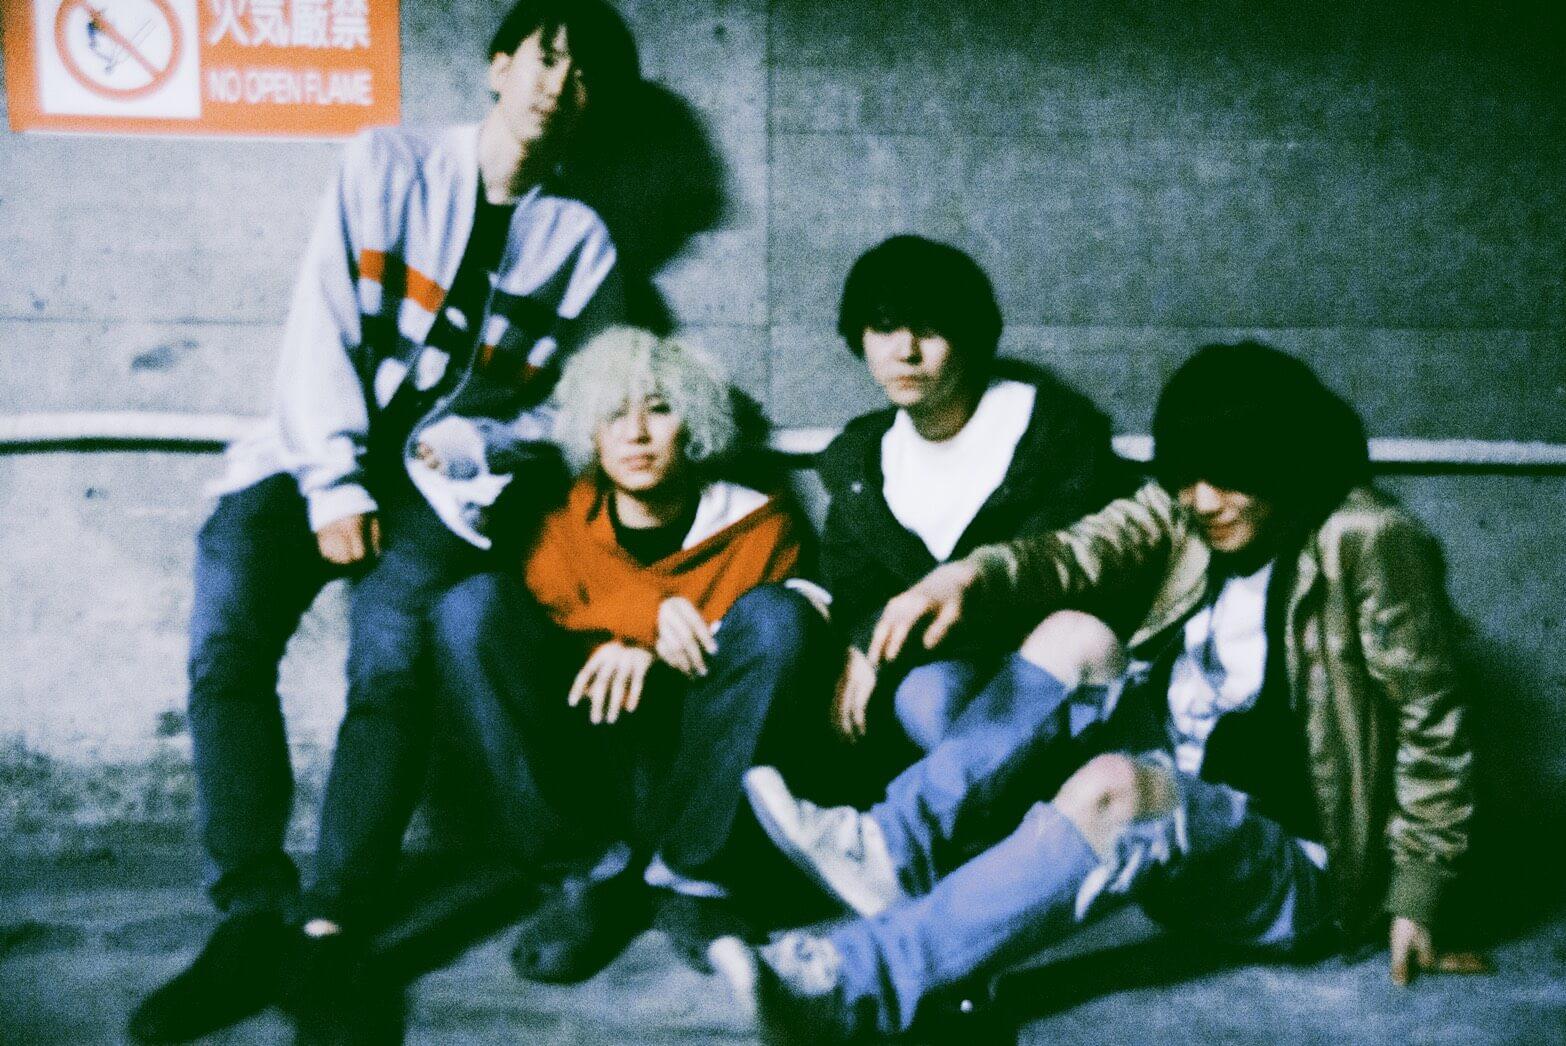 ROKI 1stミニアルバム『HEARTFIELD』よりMV第二弾「夜行列車」を公開サムネイル画像!